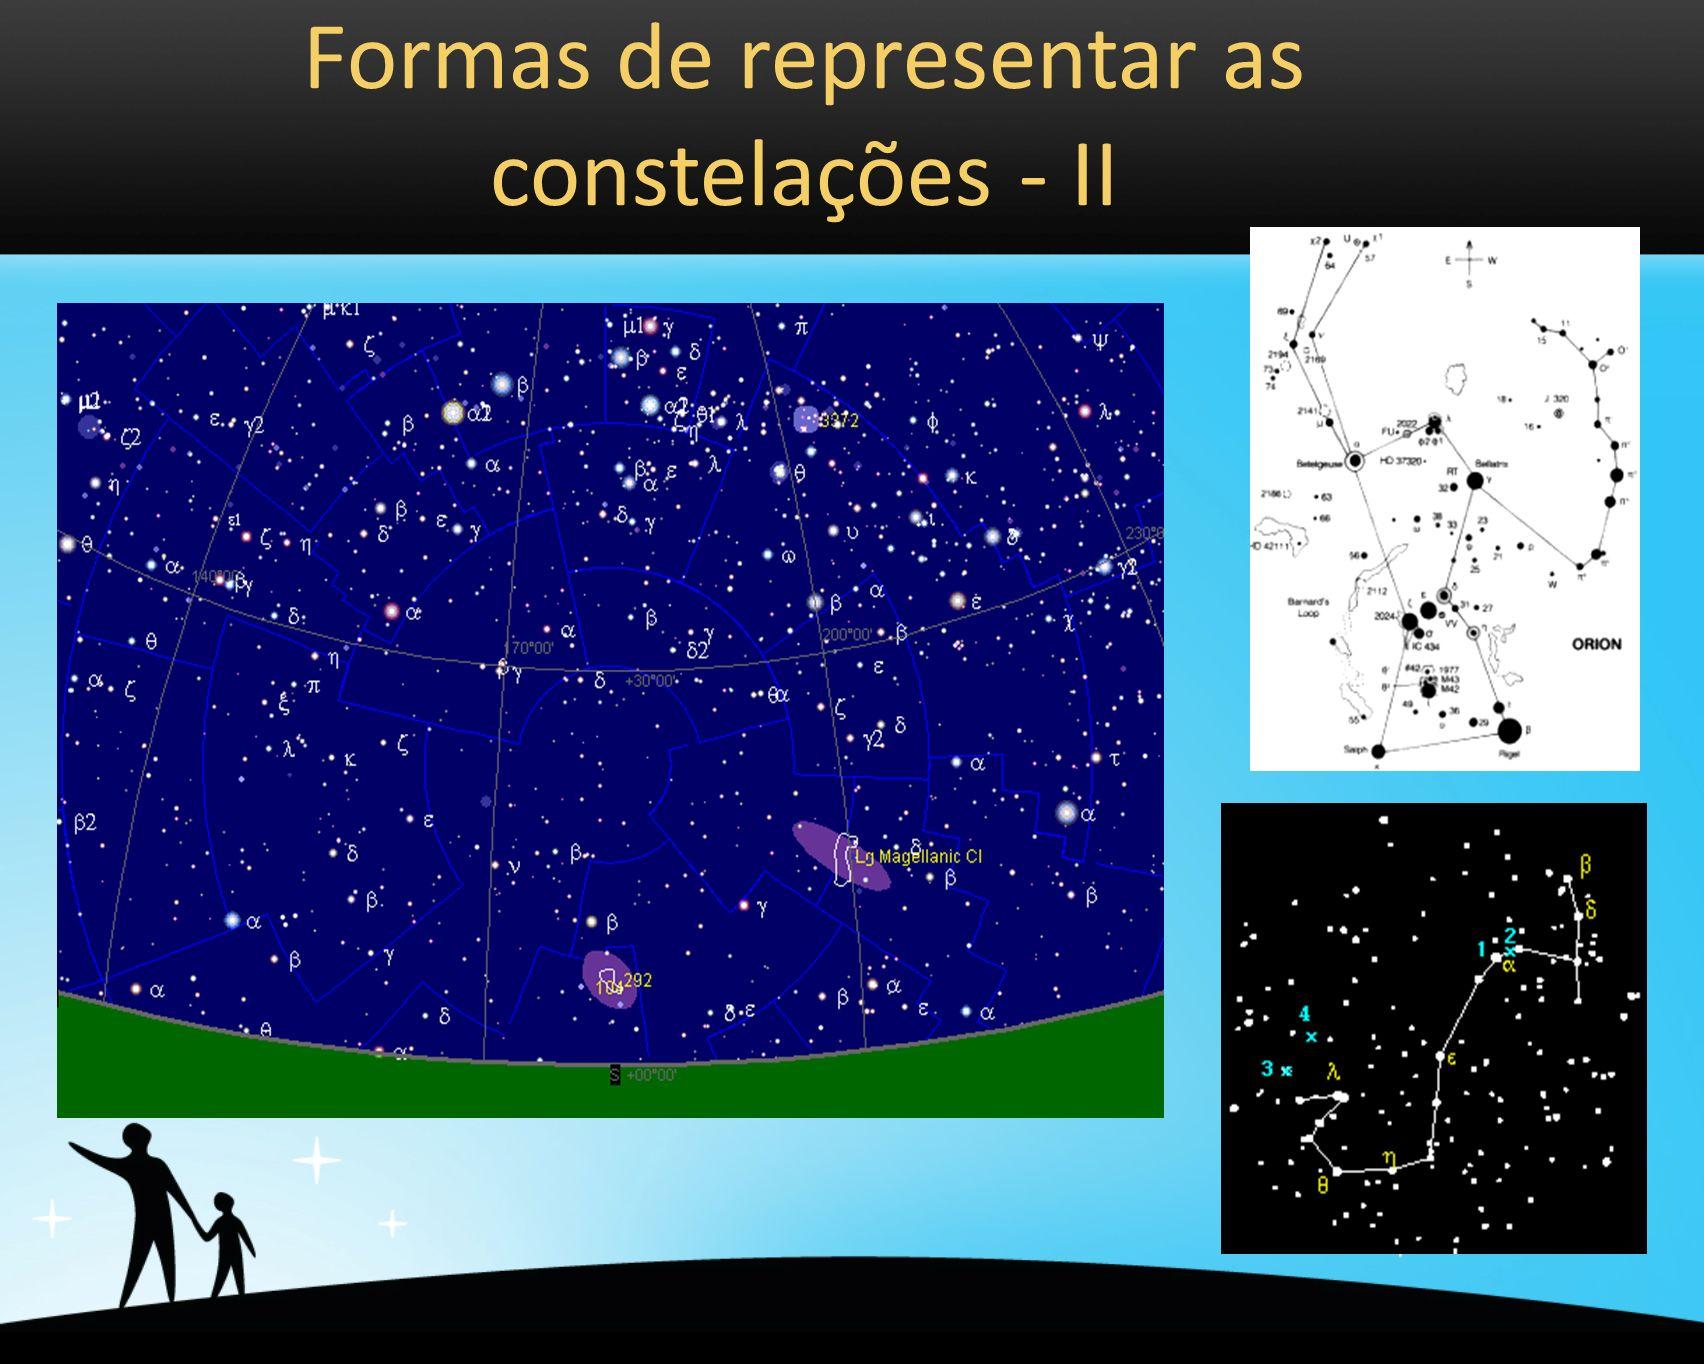 Formas de representar as constelações - II